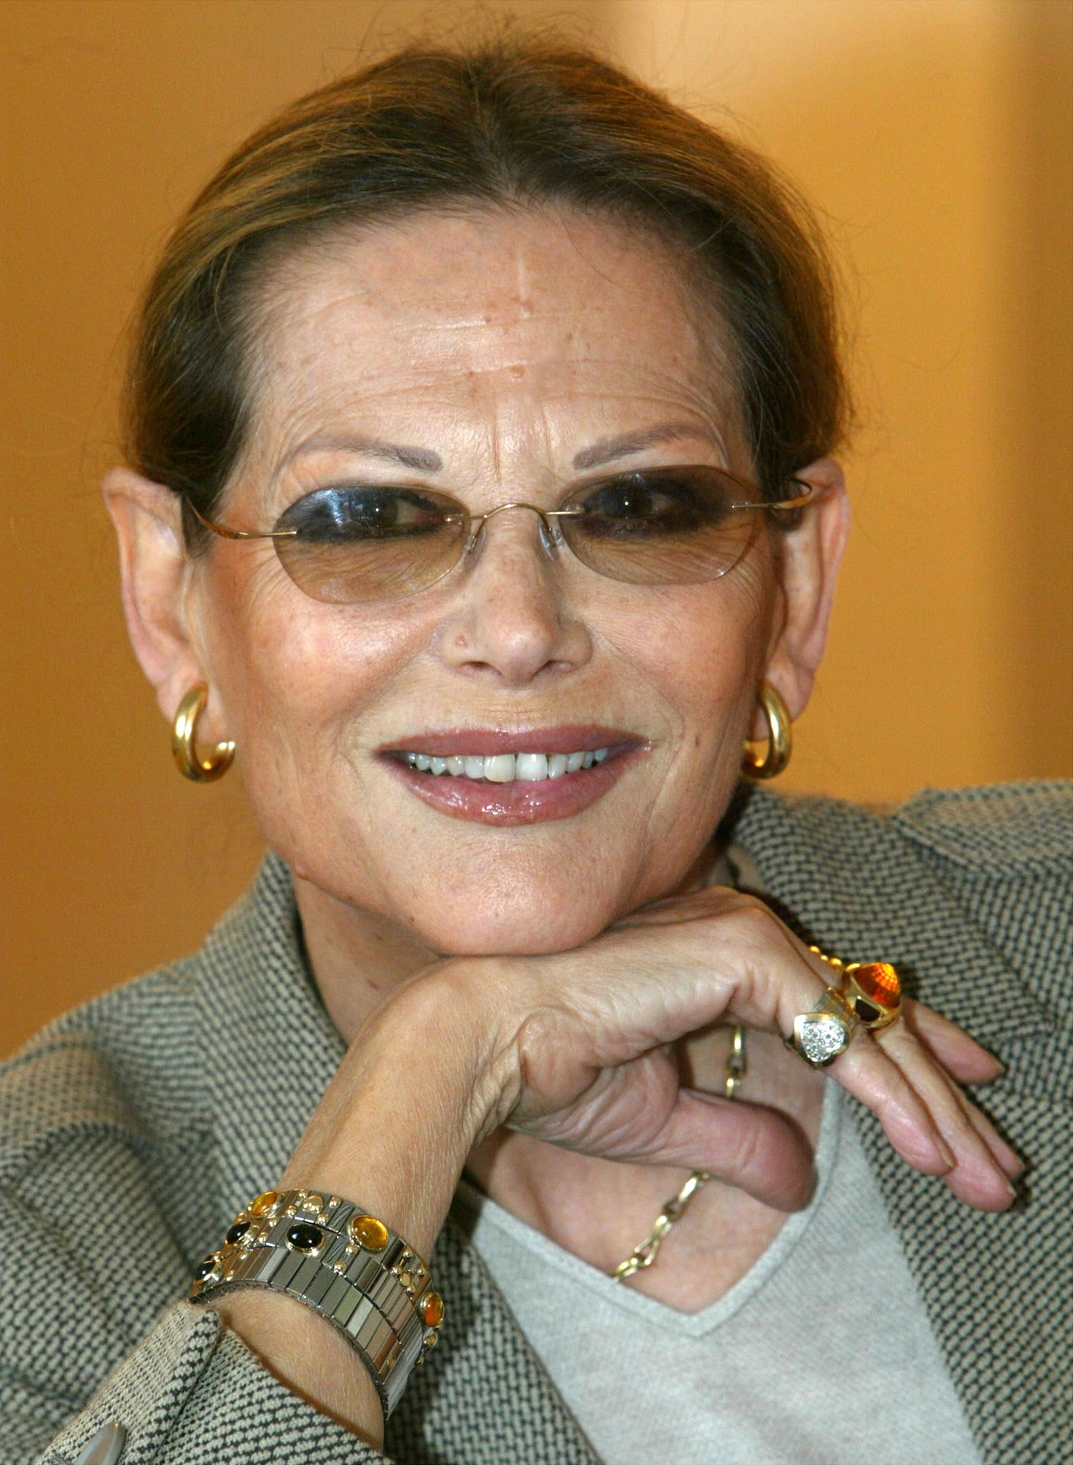 Claudia CARDINALE olasz színésznő mosolyog Rómában 2002. november 4-én, Pirandello Come tu mi vuoi című vígjátékának a római Argentína színházbeli bemutatója előtt egy nappal. (MTI/EPA/ANSA/Alessandro Bianchi)